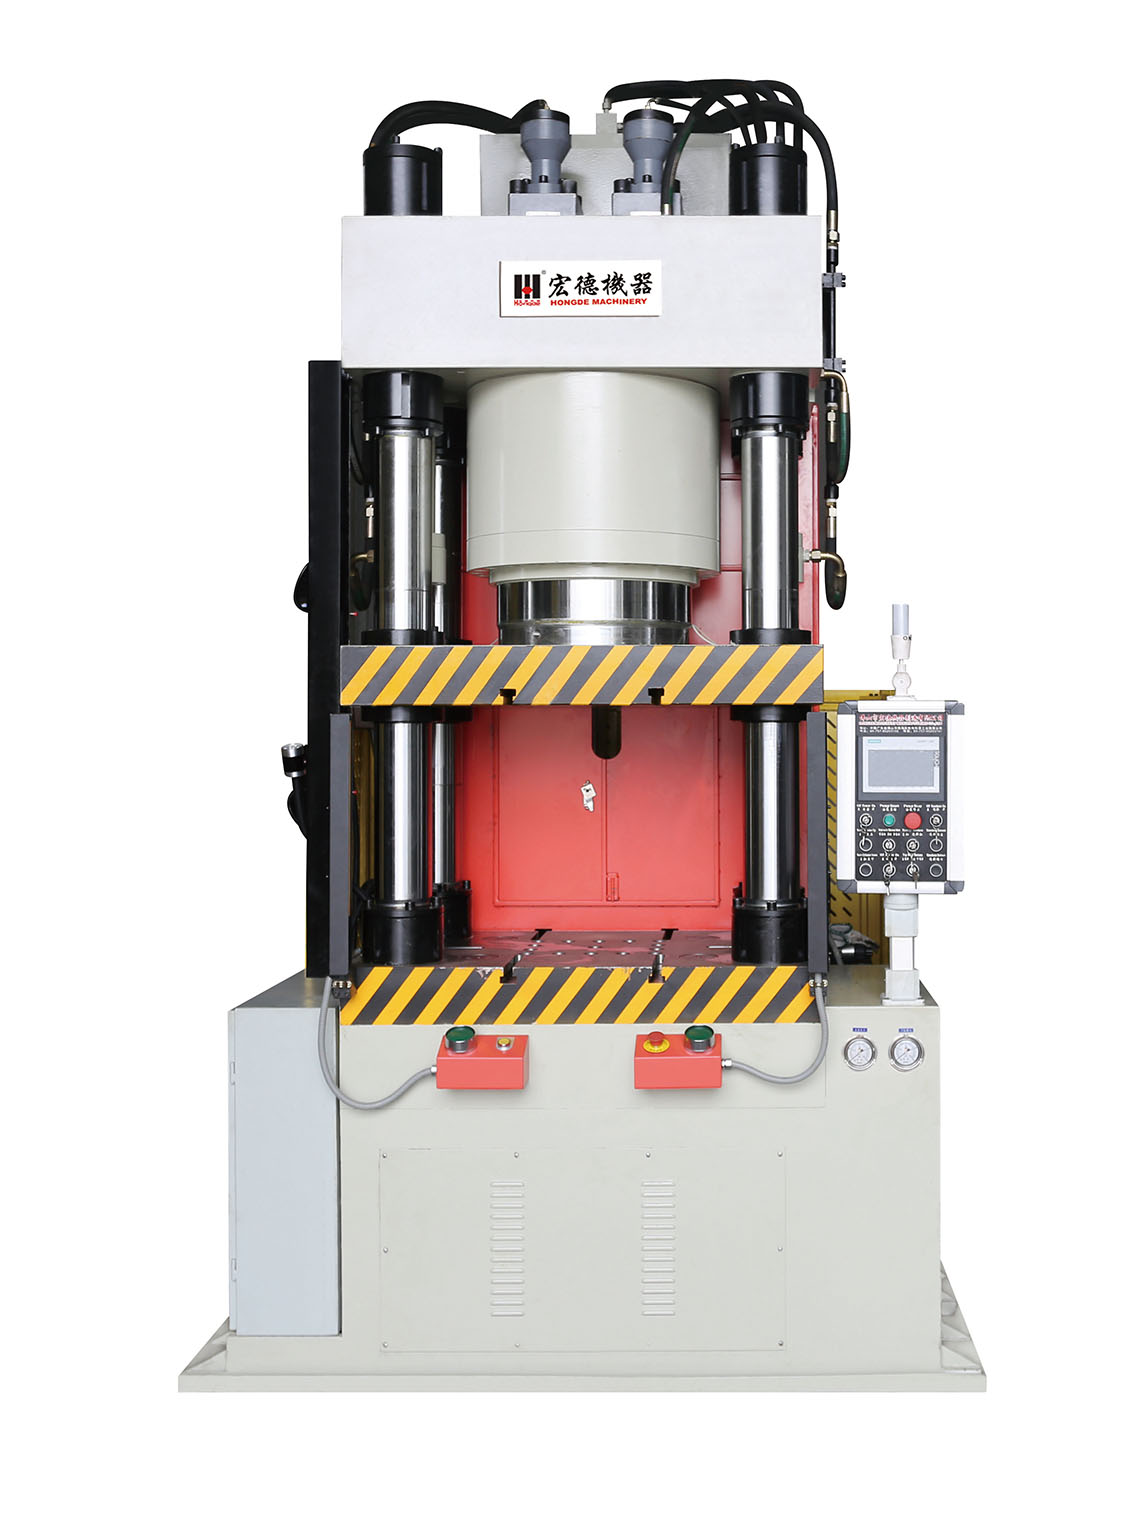 伺服数控油压机500吨